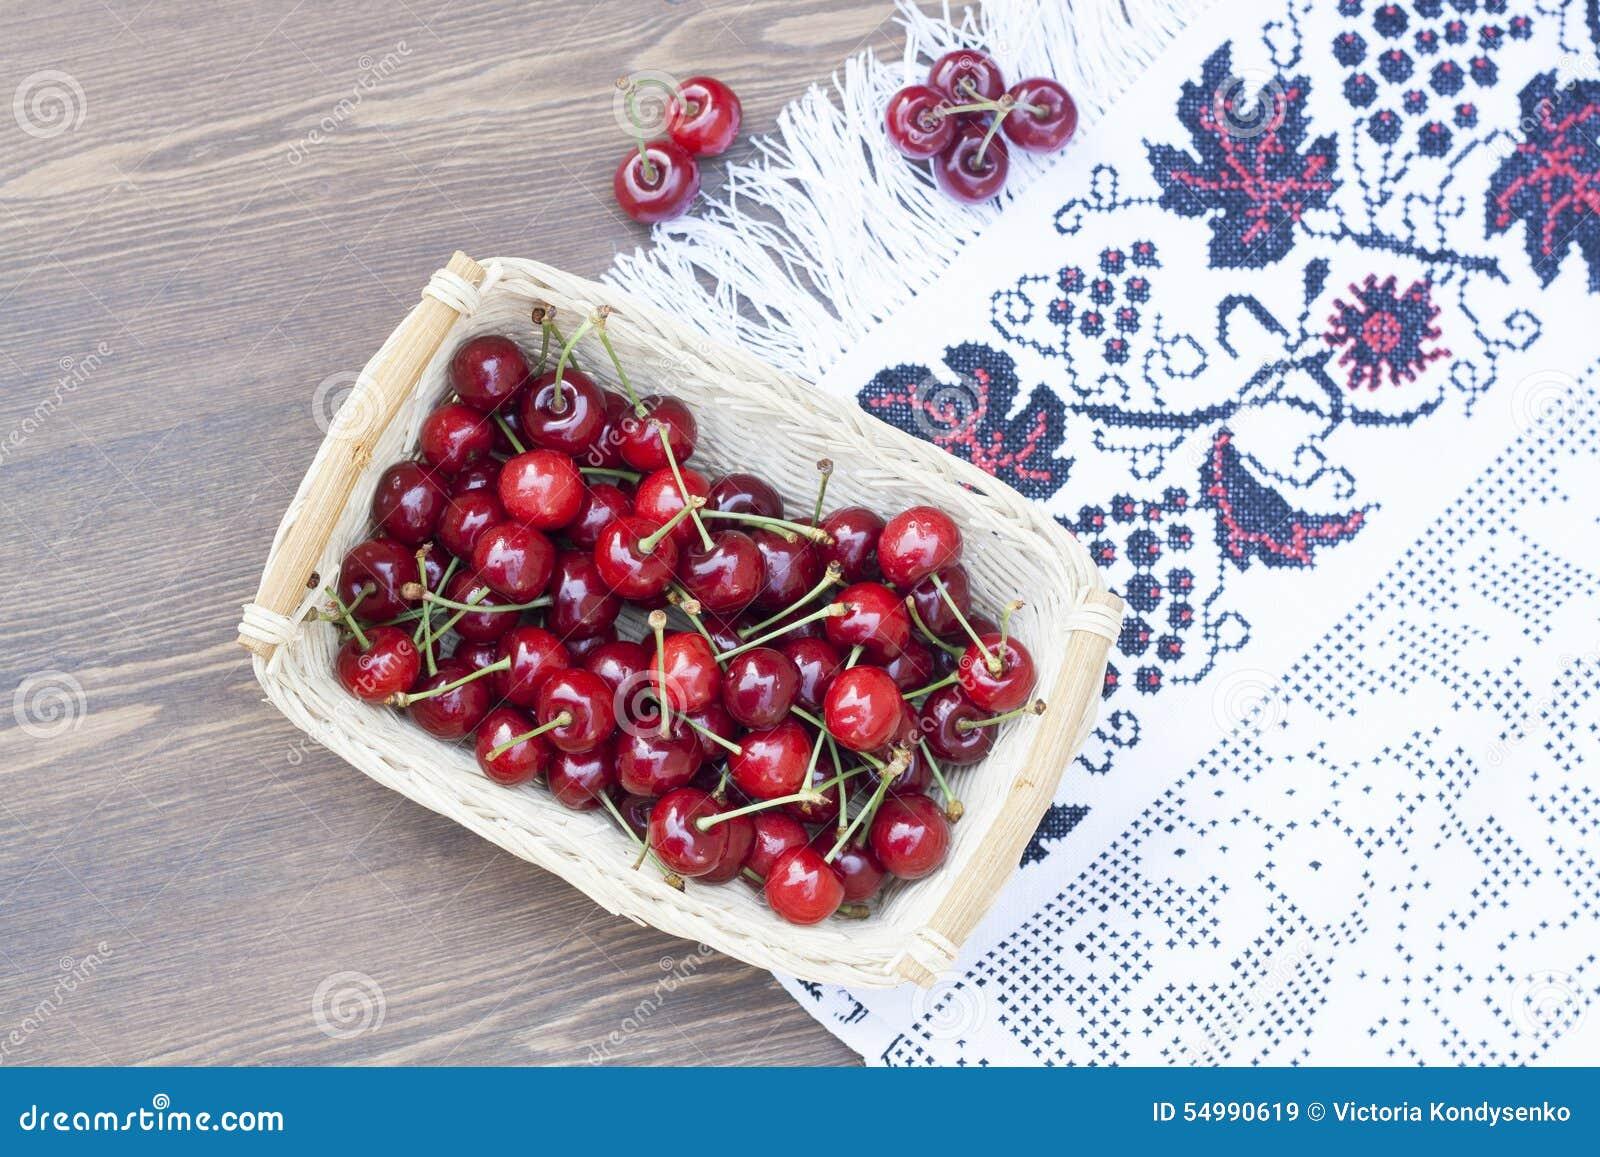 Świeże wiśnie na upiększonym ręczniku